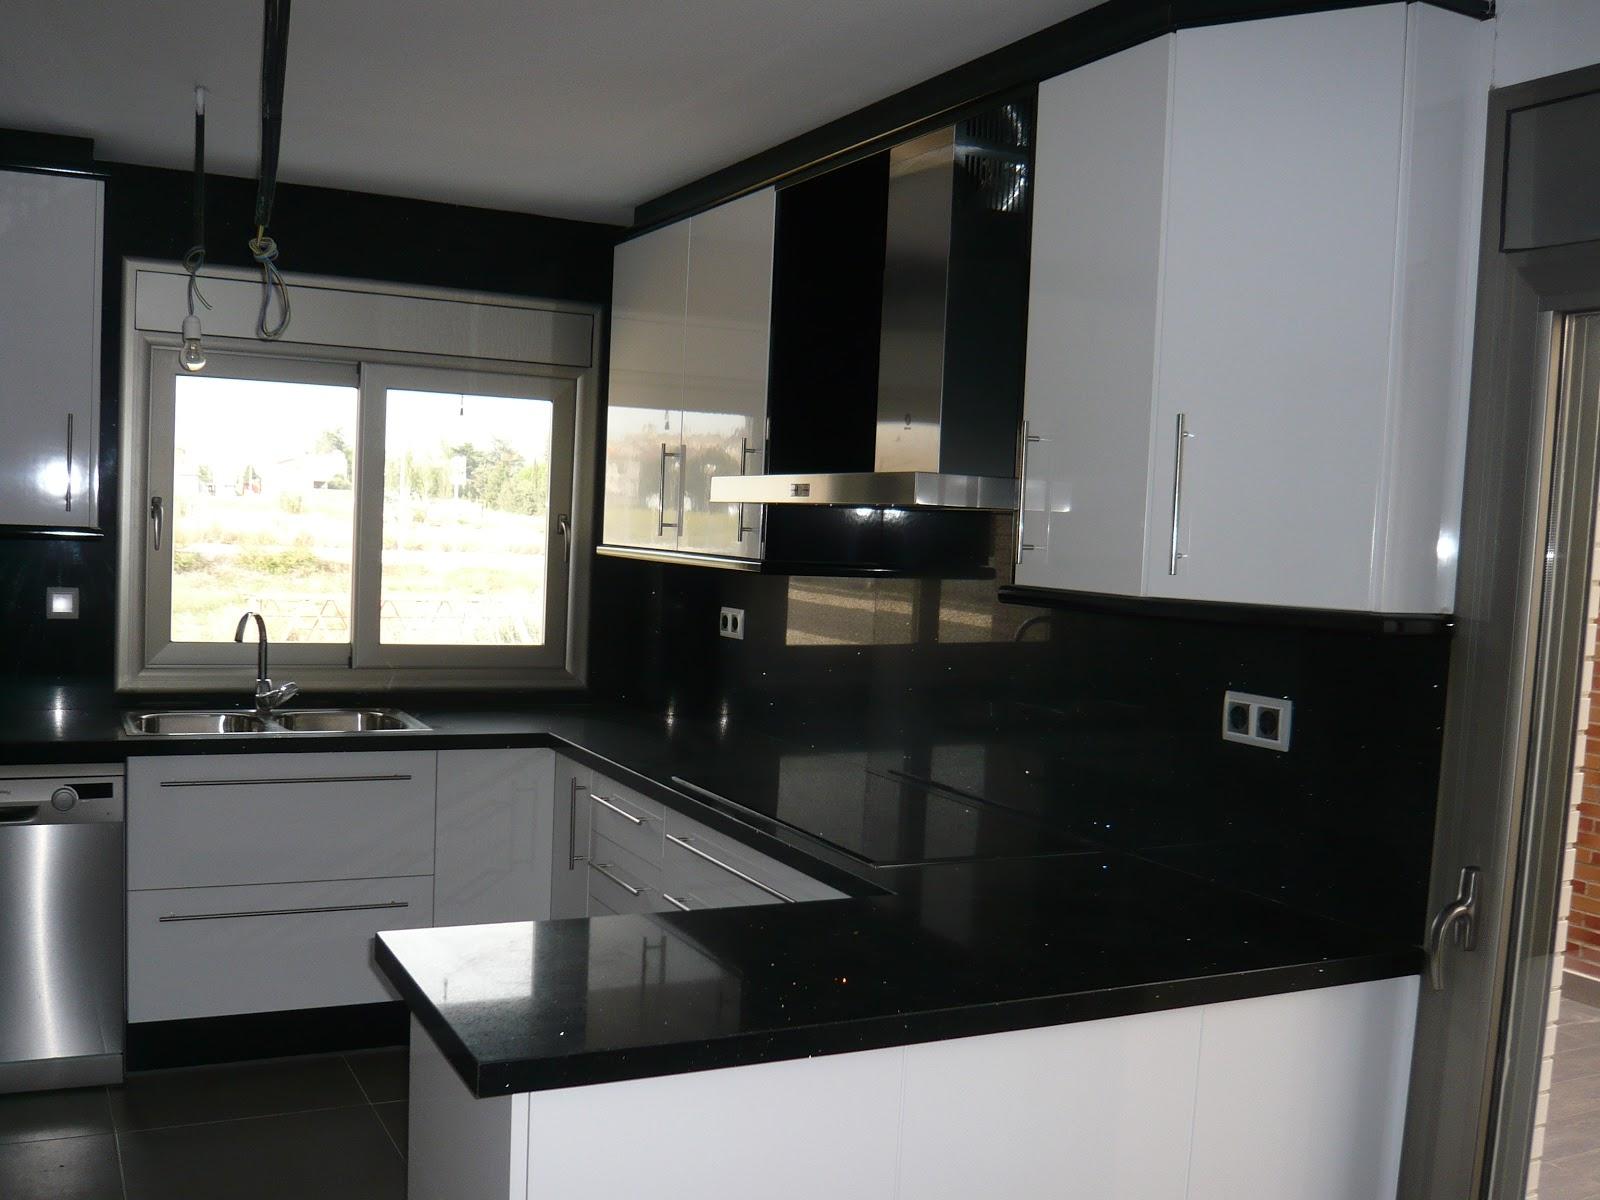 Reuscuina cocina de formica blanca negra for Cocina blanca encimera negra